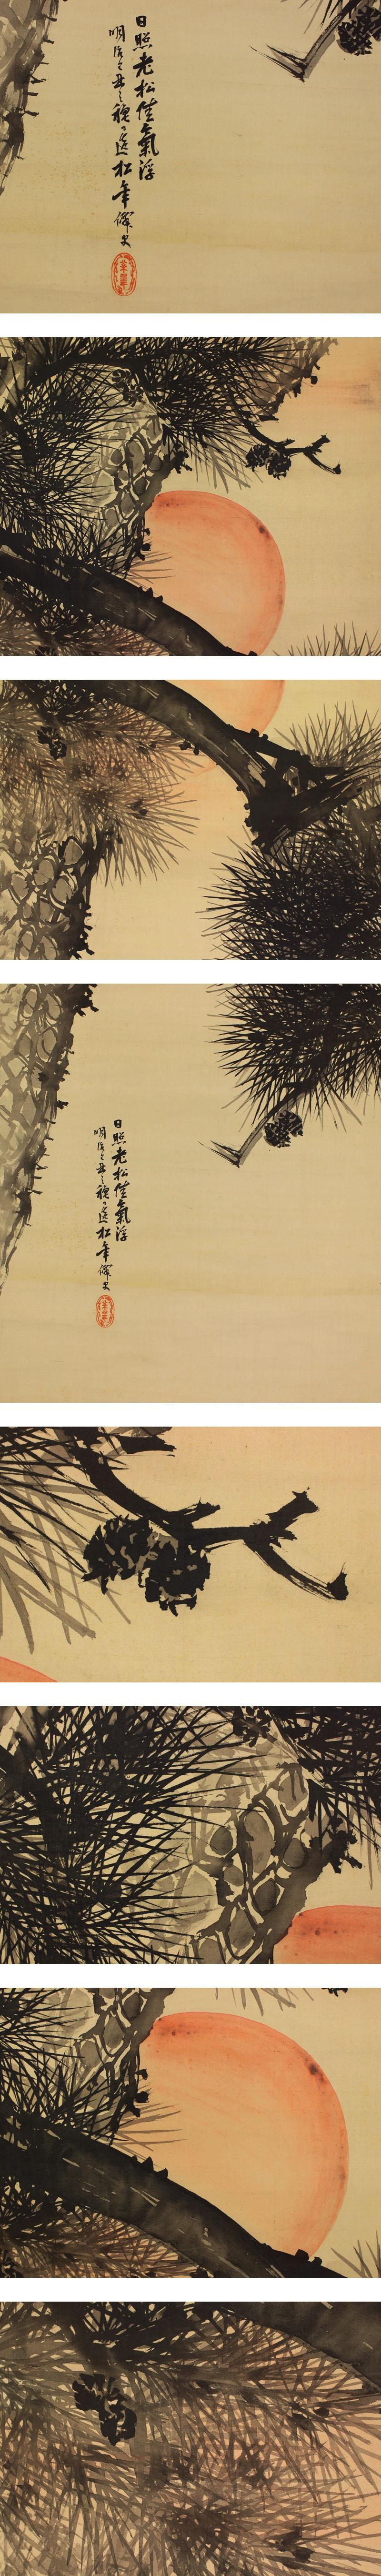 鈴木松年の画像 p1_12